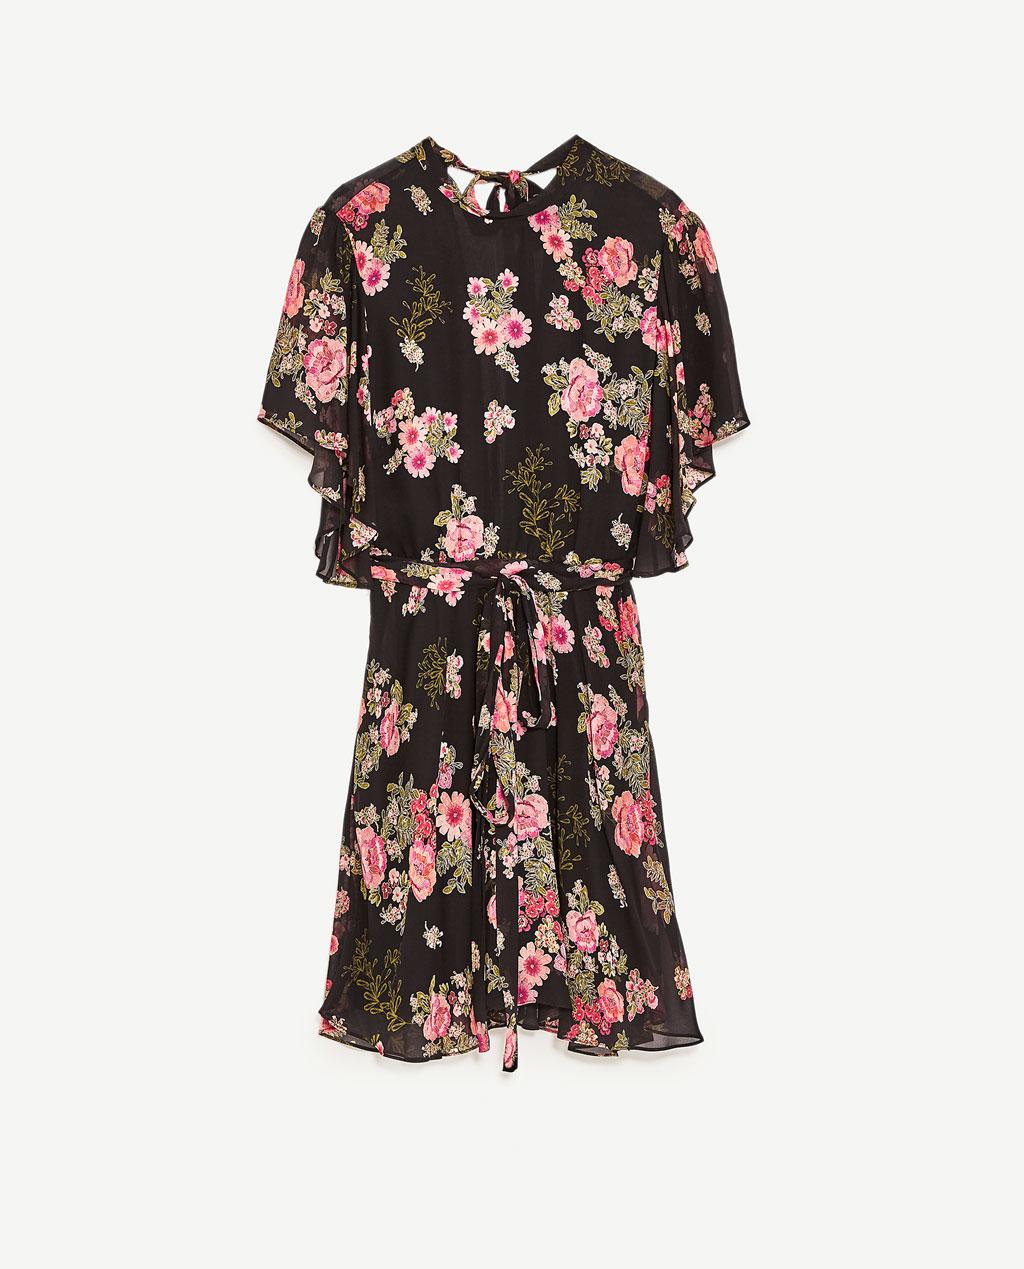 zara 39.99 floral dress.jpg